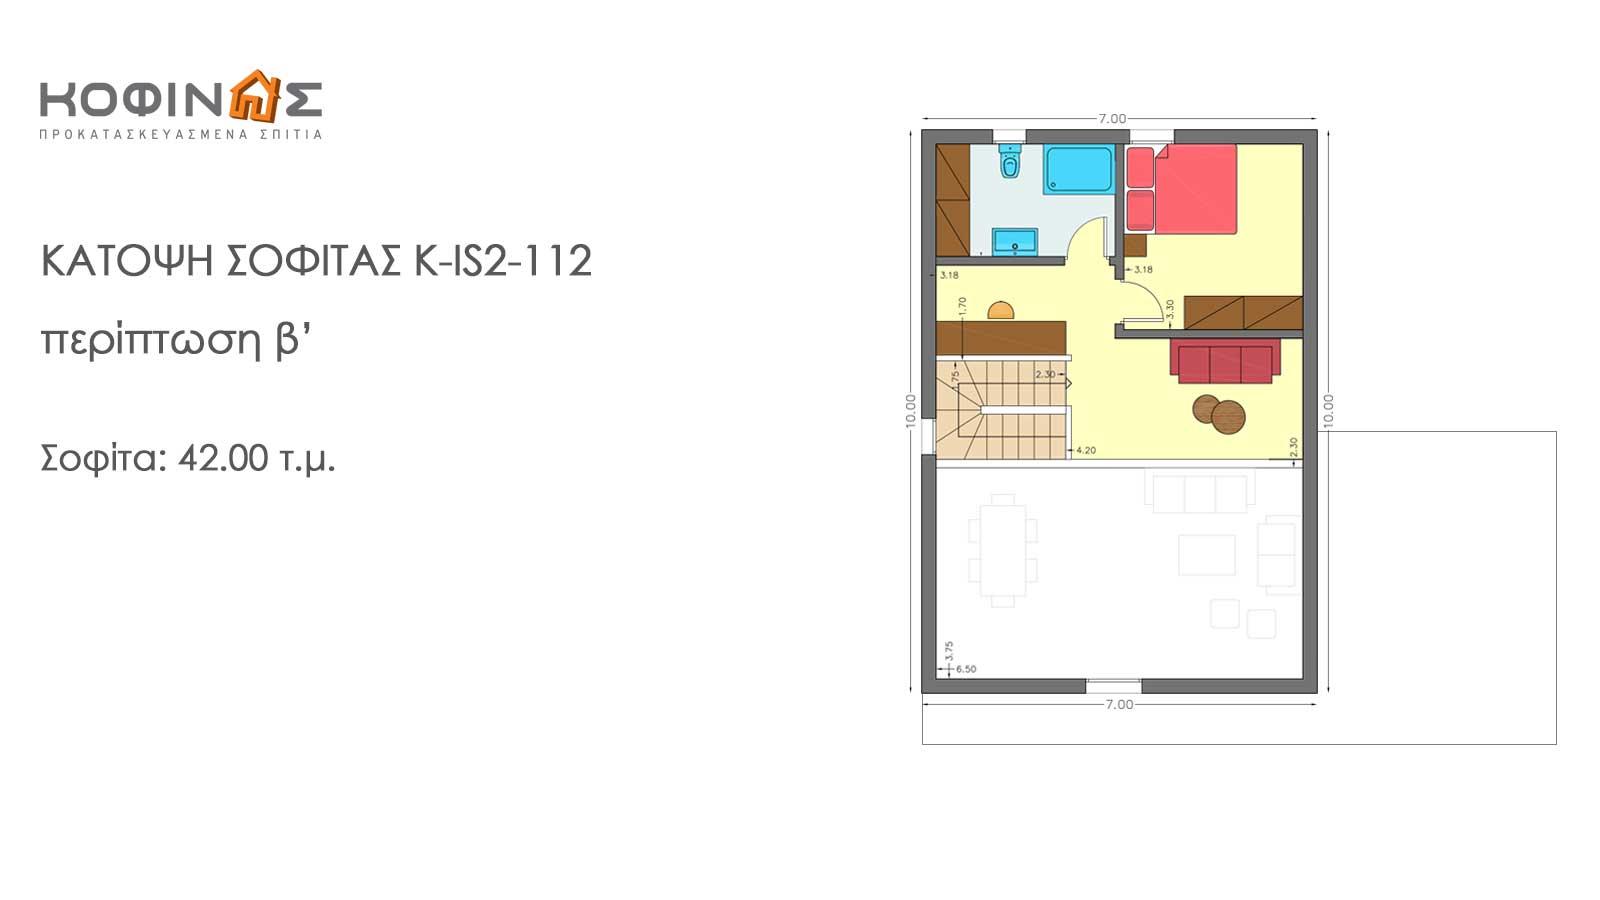 Ισόγεια Κατοικία με Σοφίτα KIS2-112, συνολικής επιφάνειας 112,00 τ.μ.